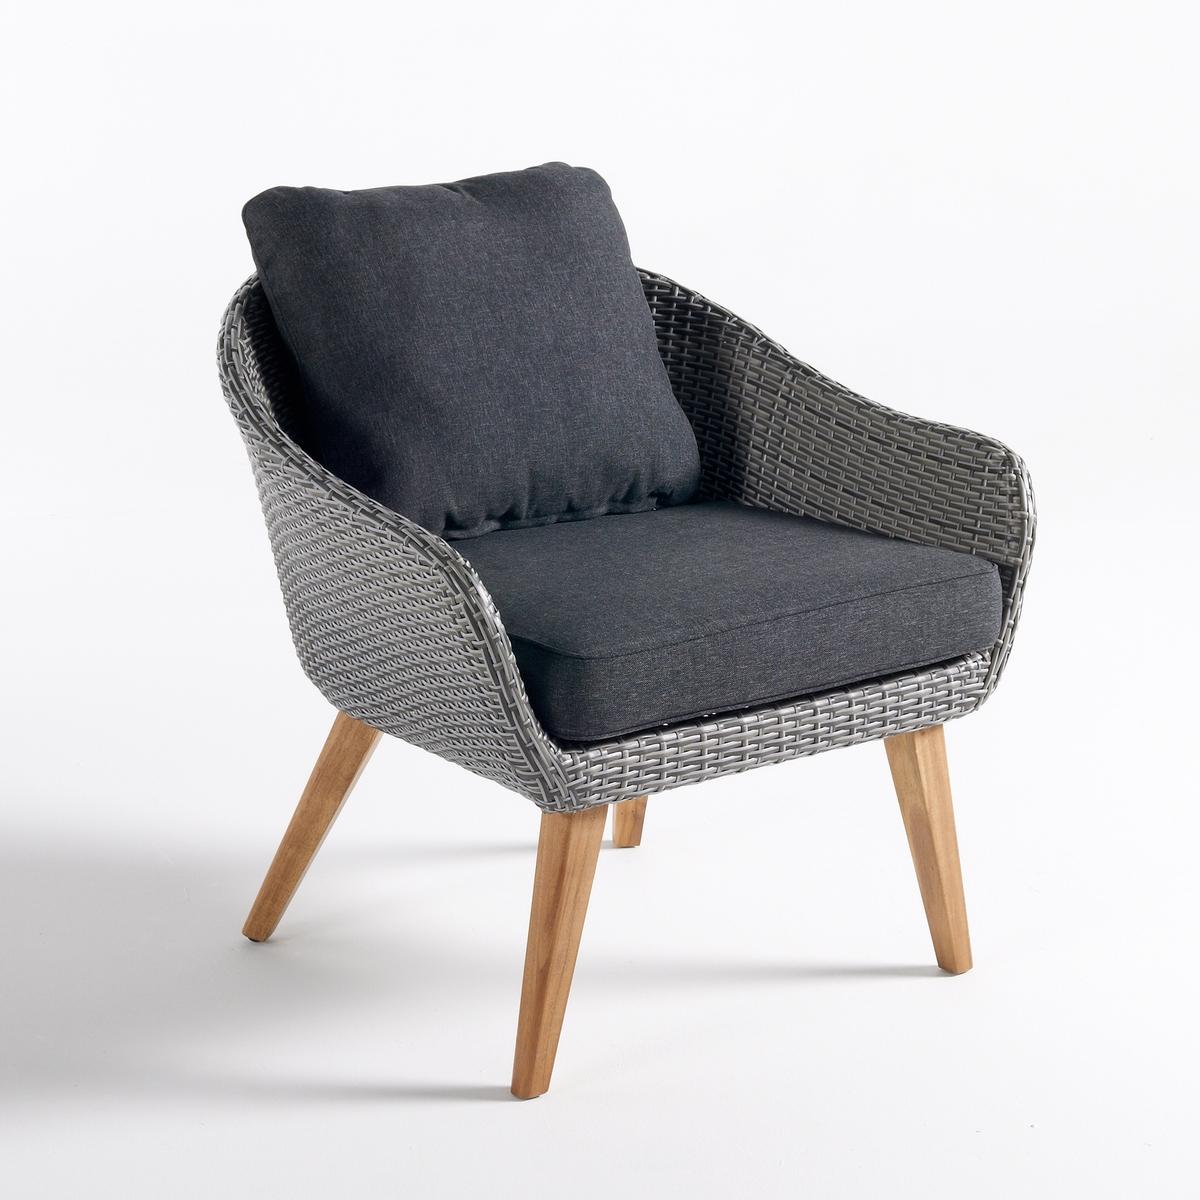 цена Кресло La Redoute Садовое GRIGIO единый размер серый онлайн в 2017 году